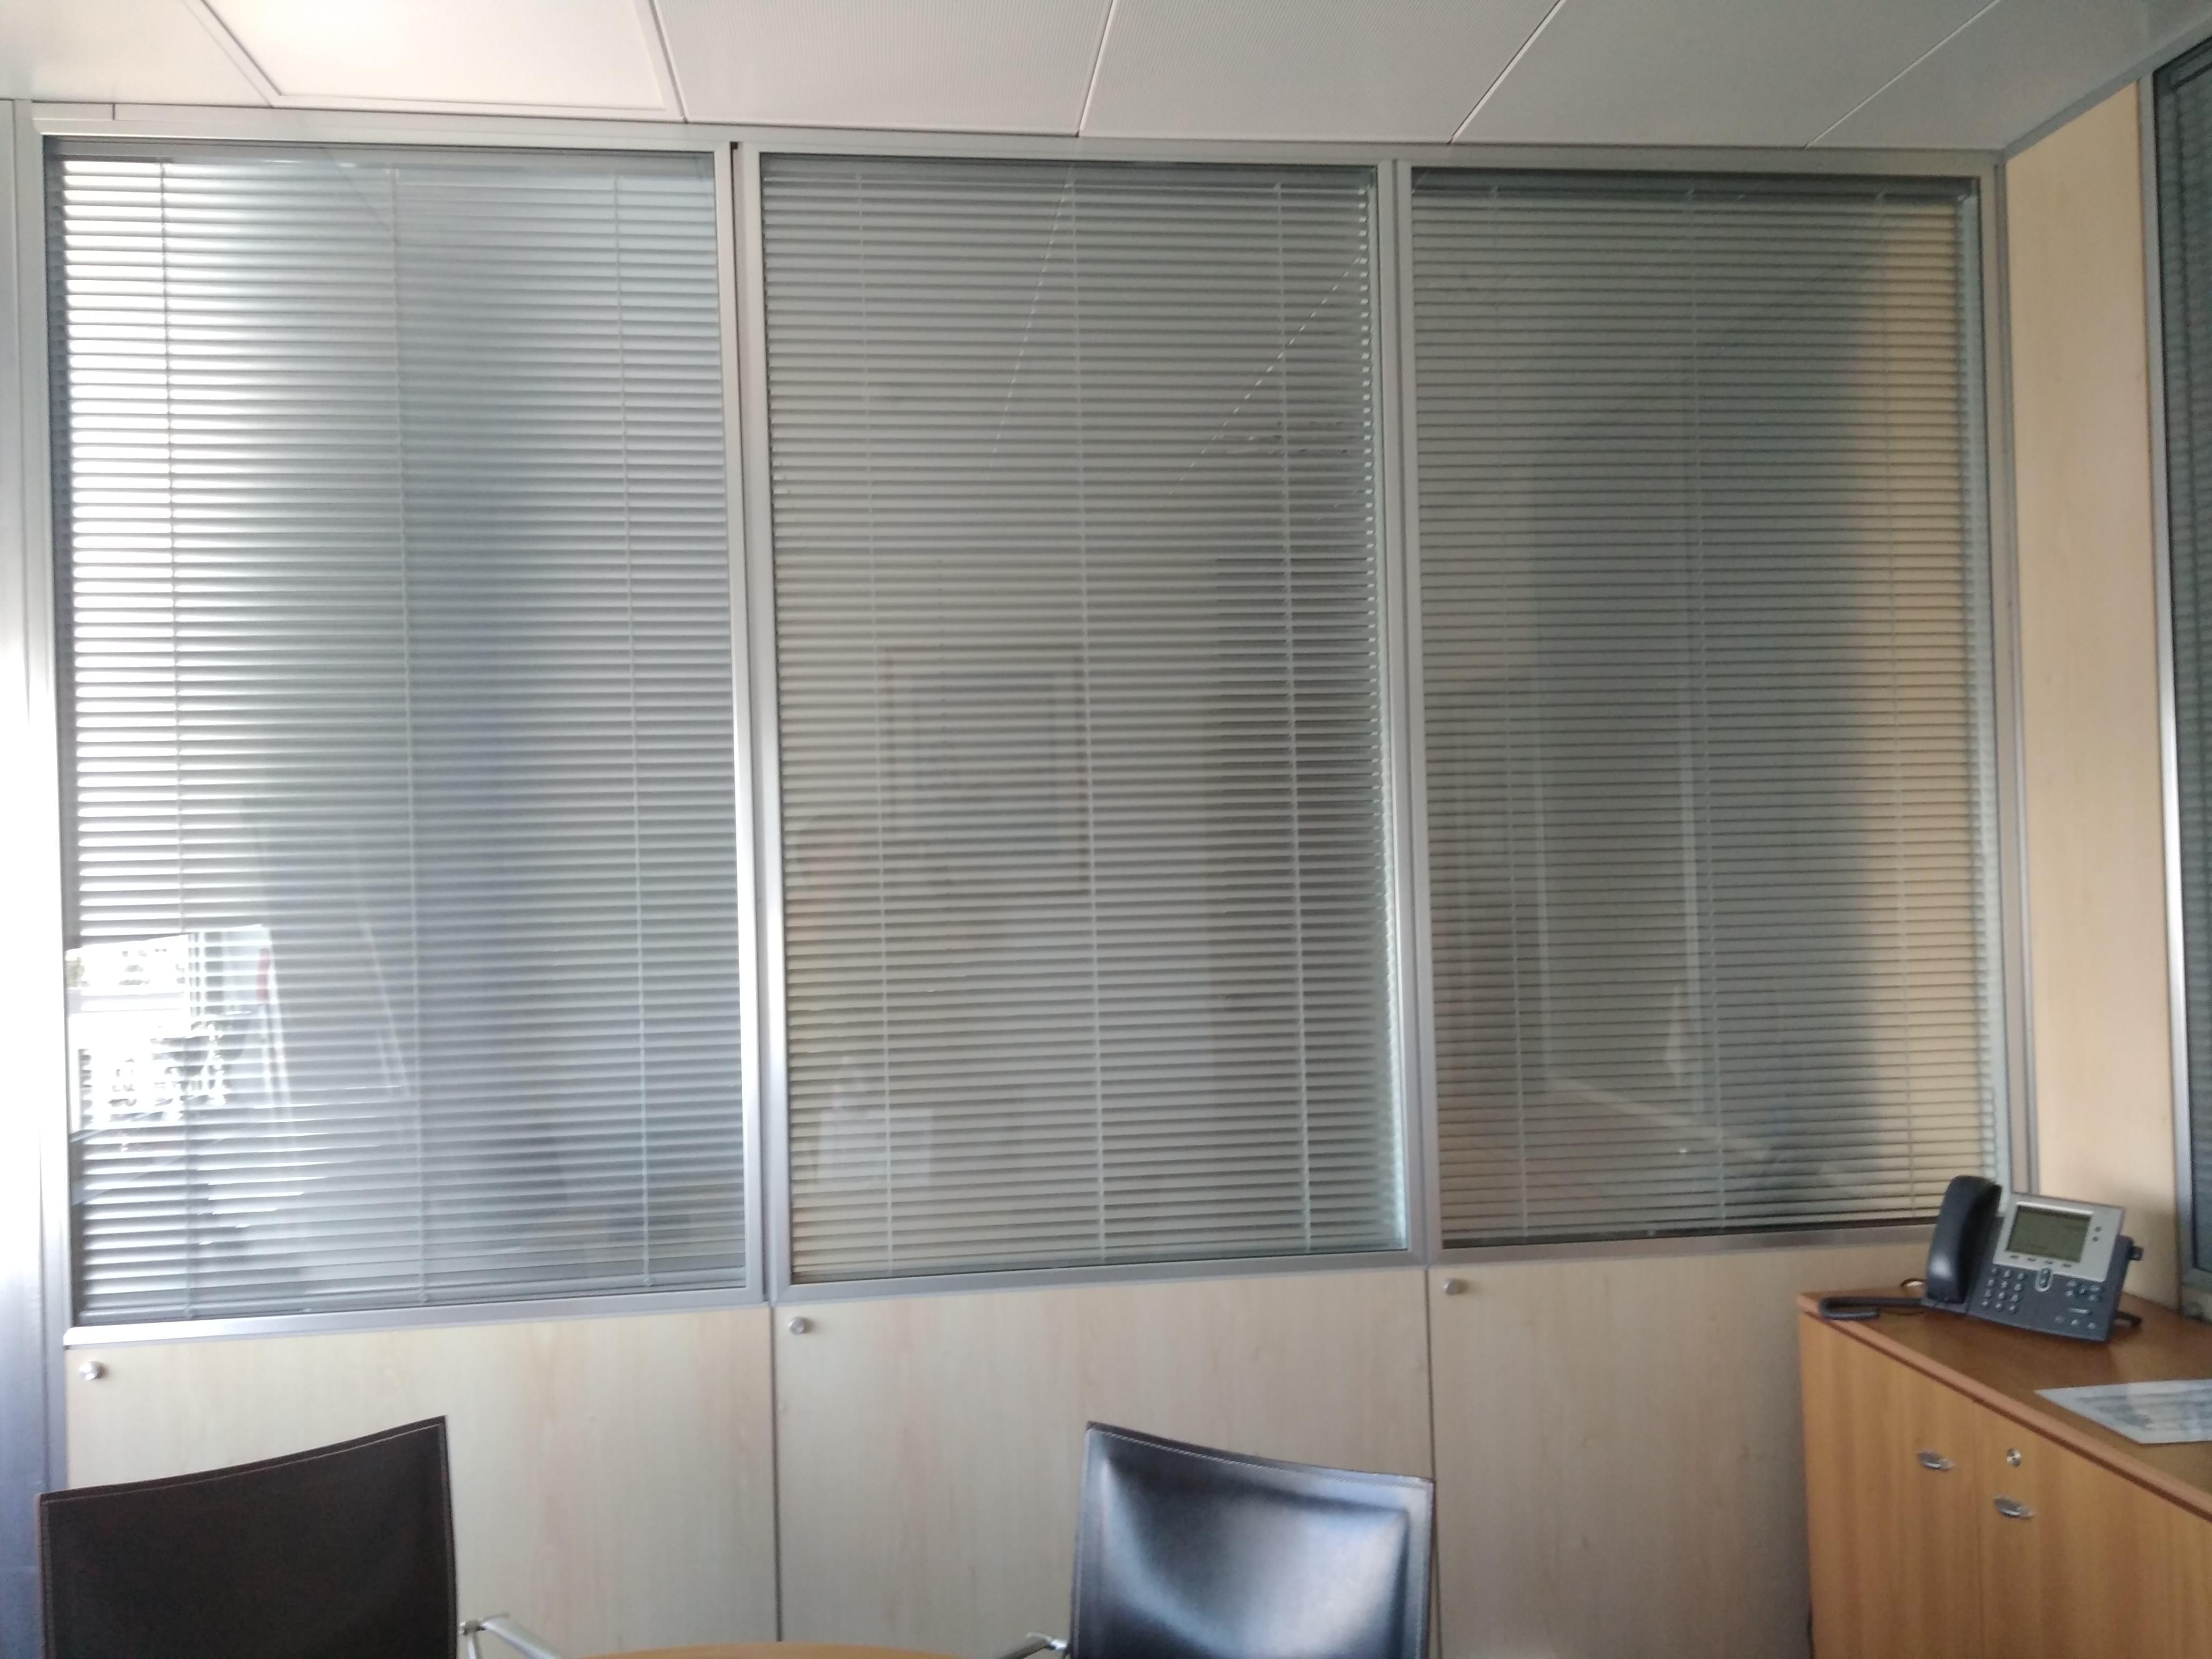 Cortitecnic - Cortinas verticales para oficinas ...